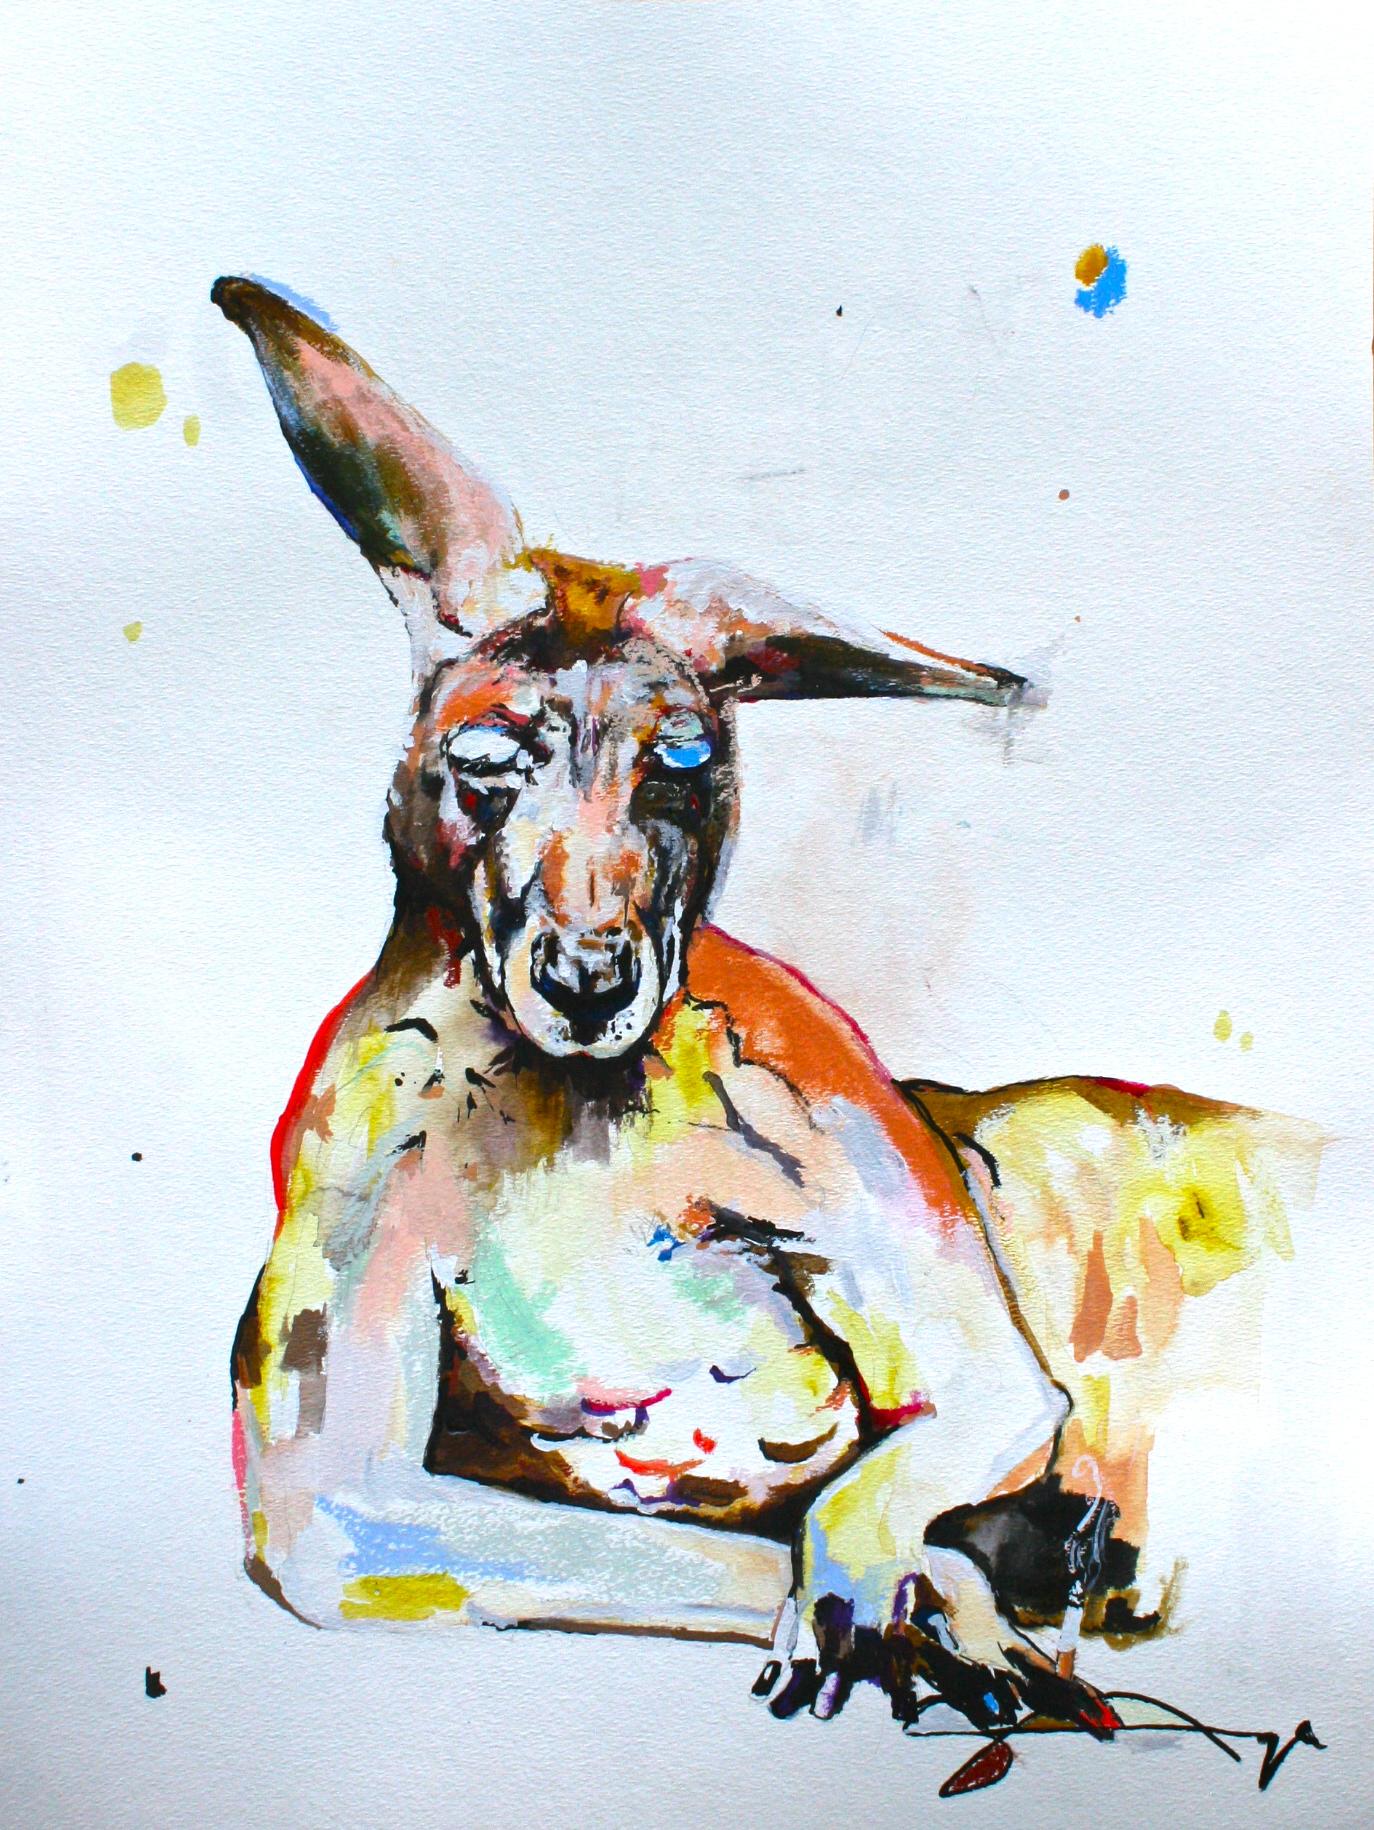 The Kangaroo One